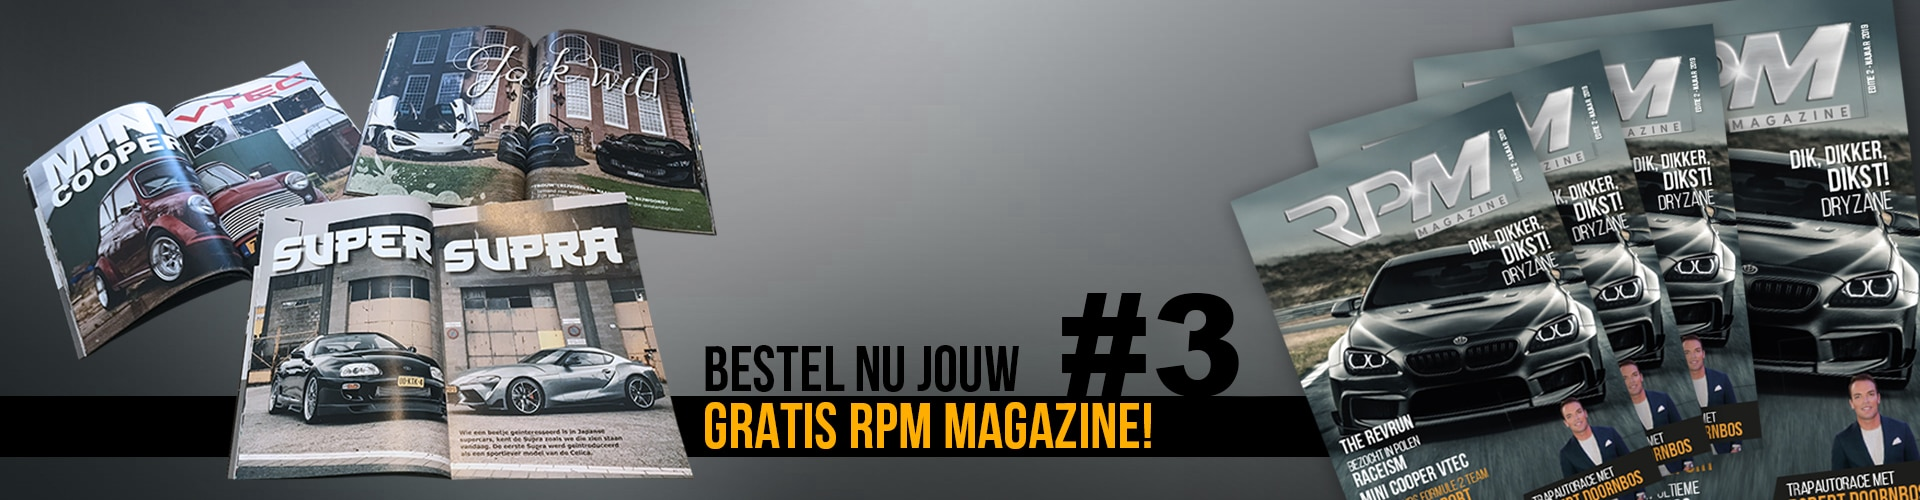 Gratis RPM Magazine